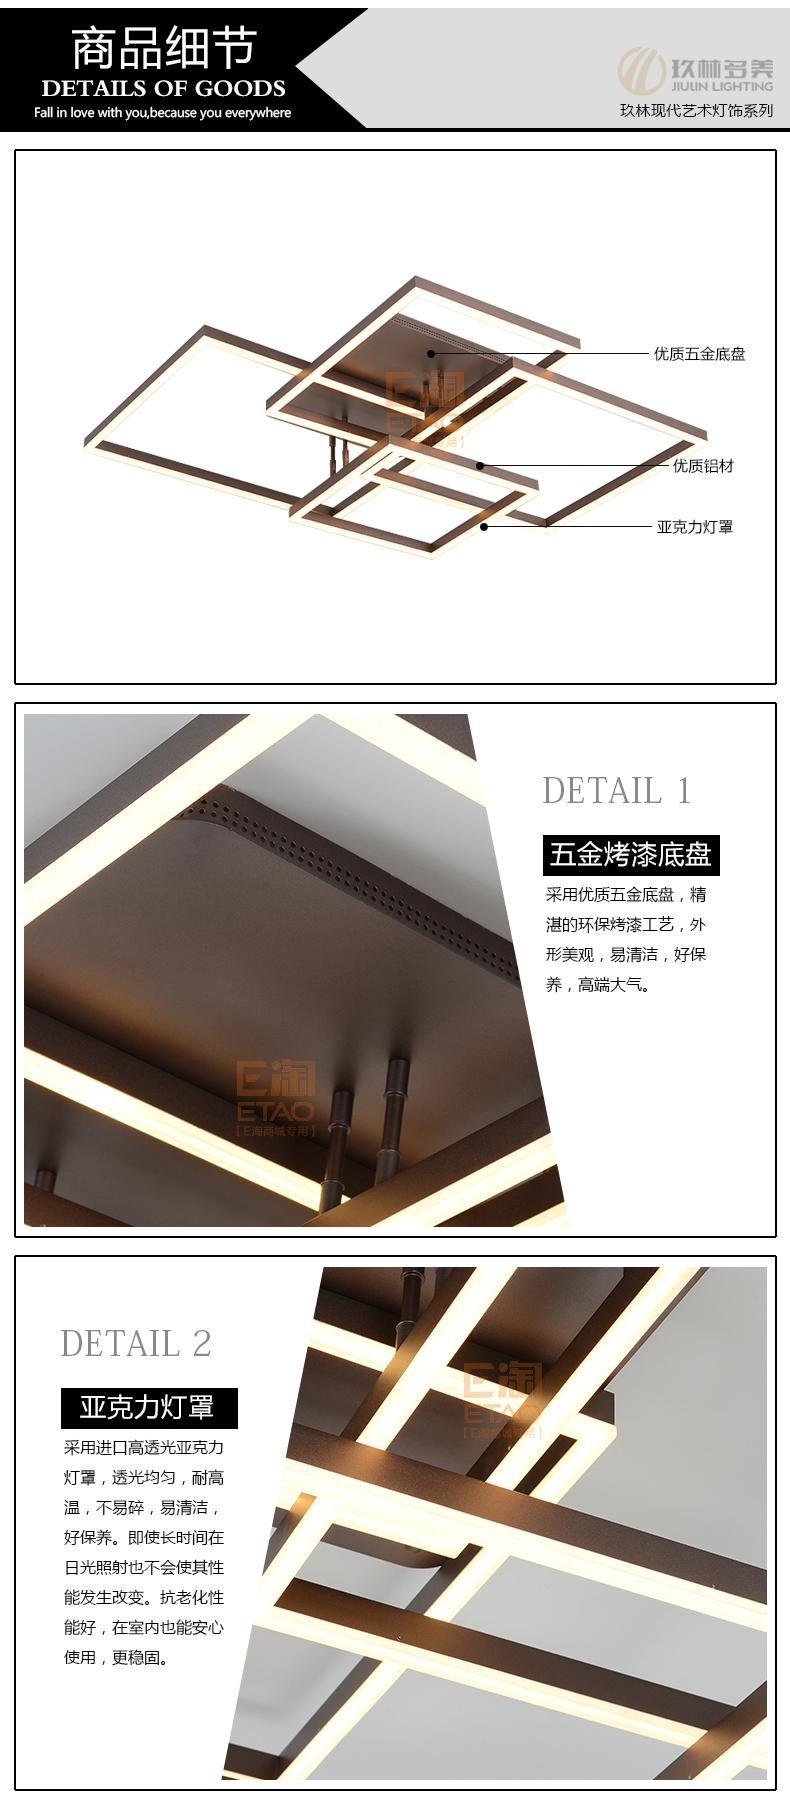 玖林多美900095 (4)